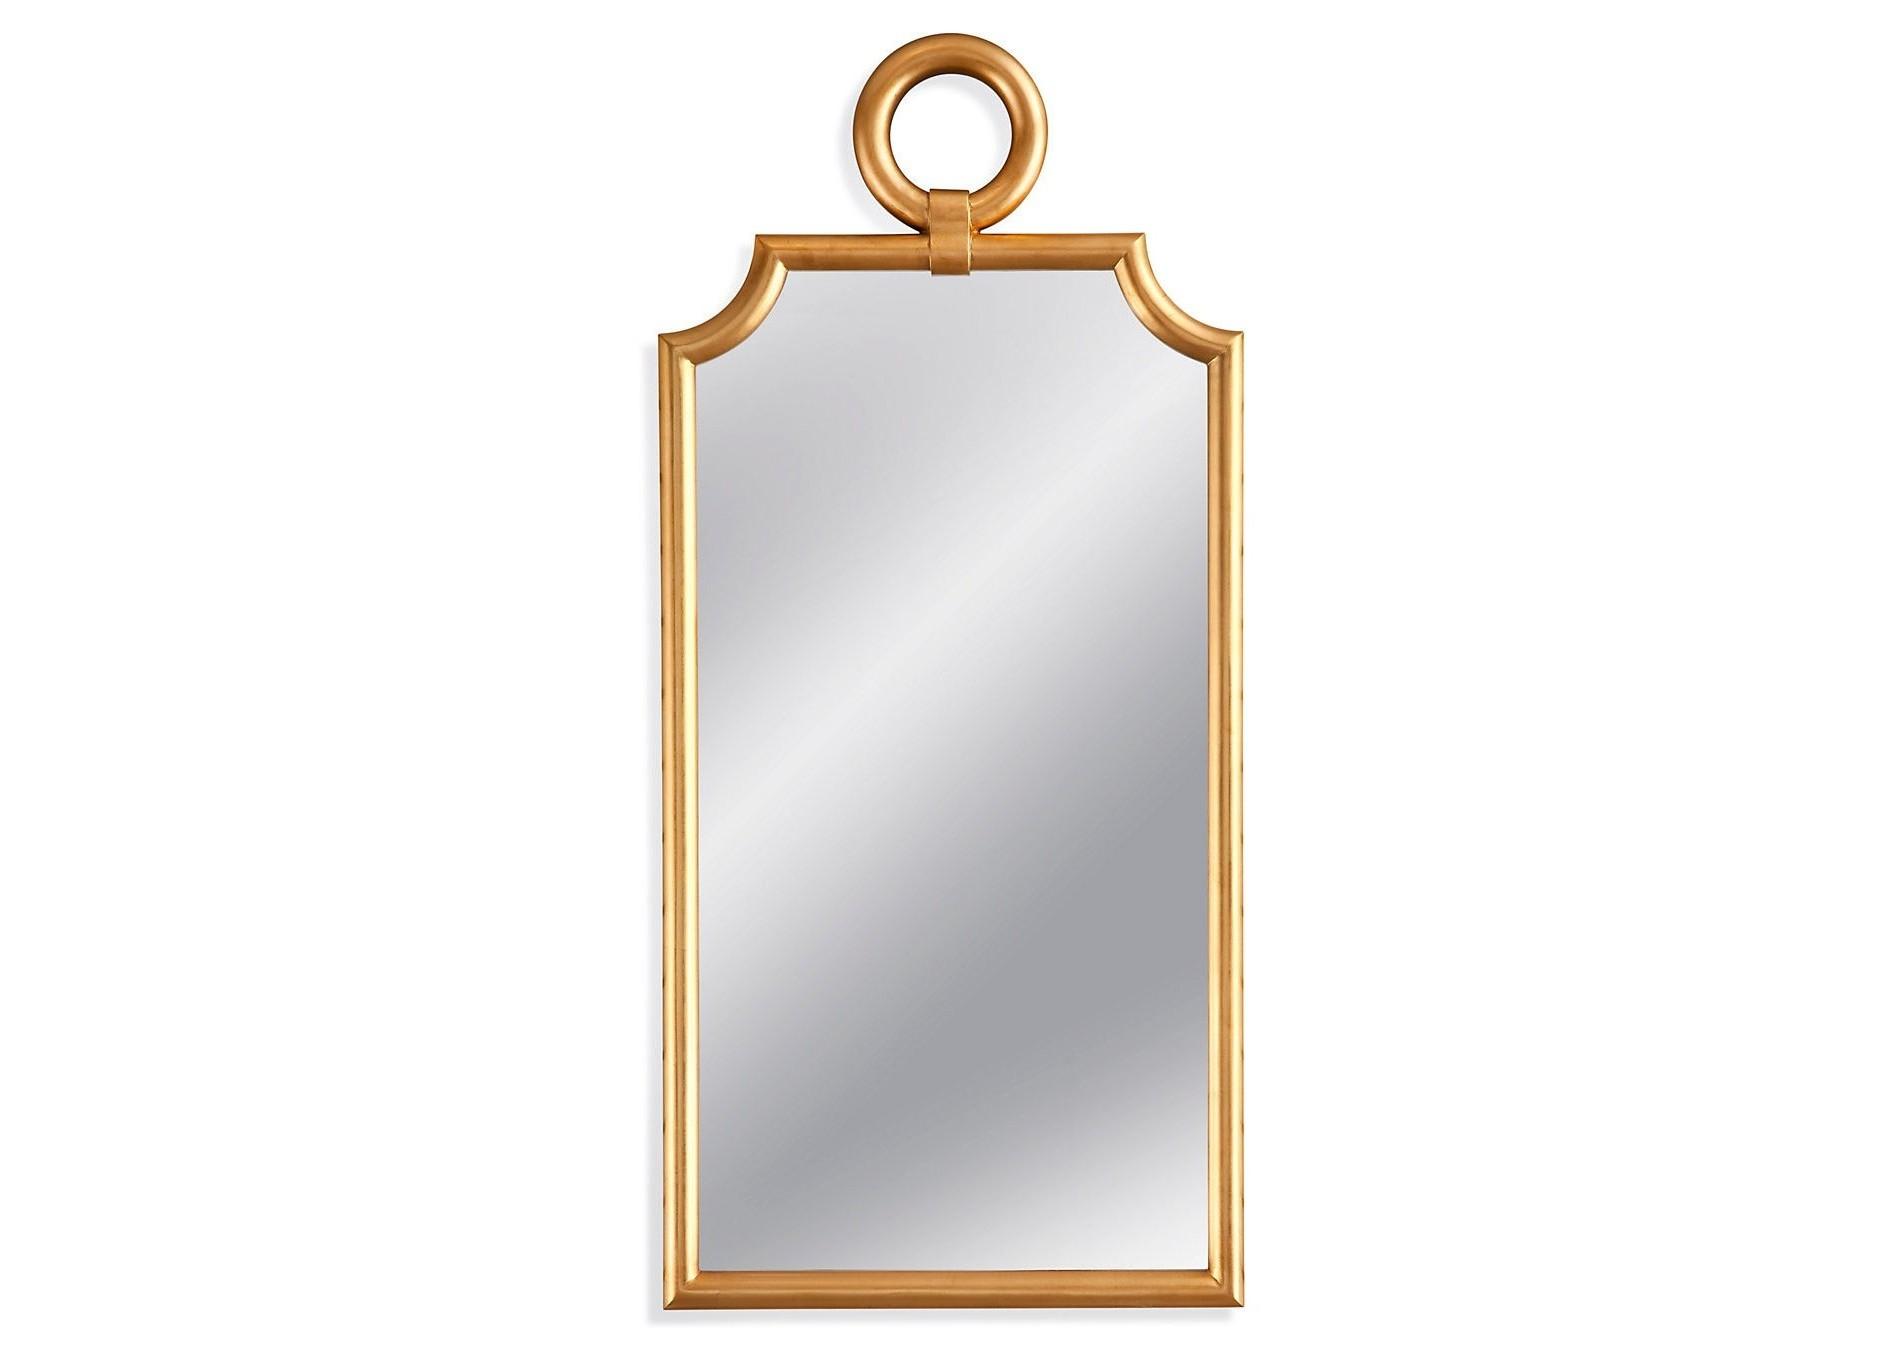 Зеркало ПьемонтНастенные зеркала<br>Интерьерное зеркало. Сборка не требуется. Крепления входят в стоимость.<br><br>kit: None<br>gender: None